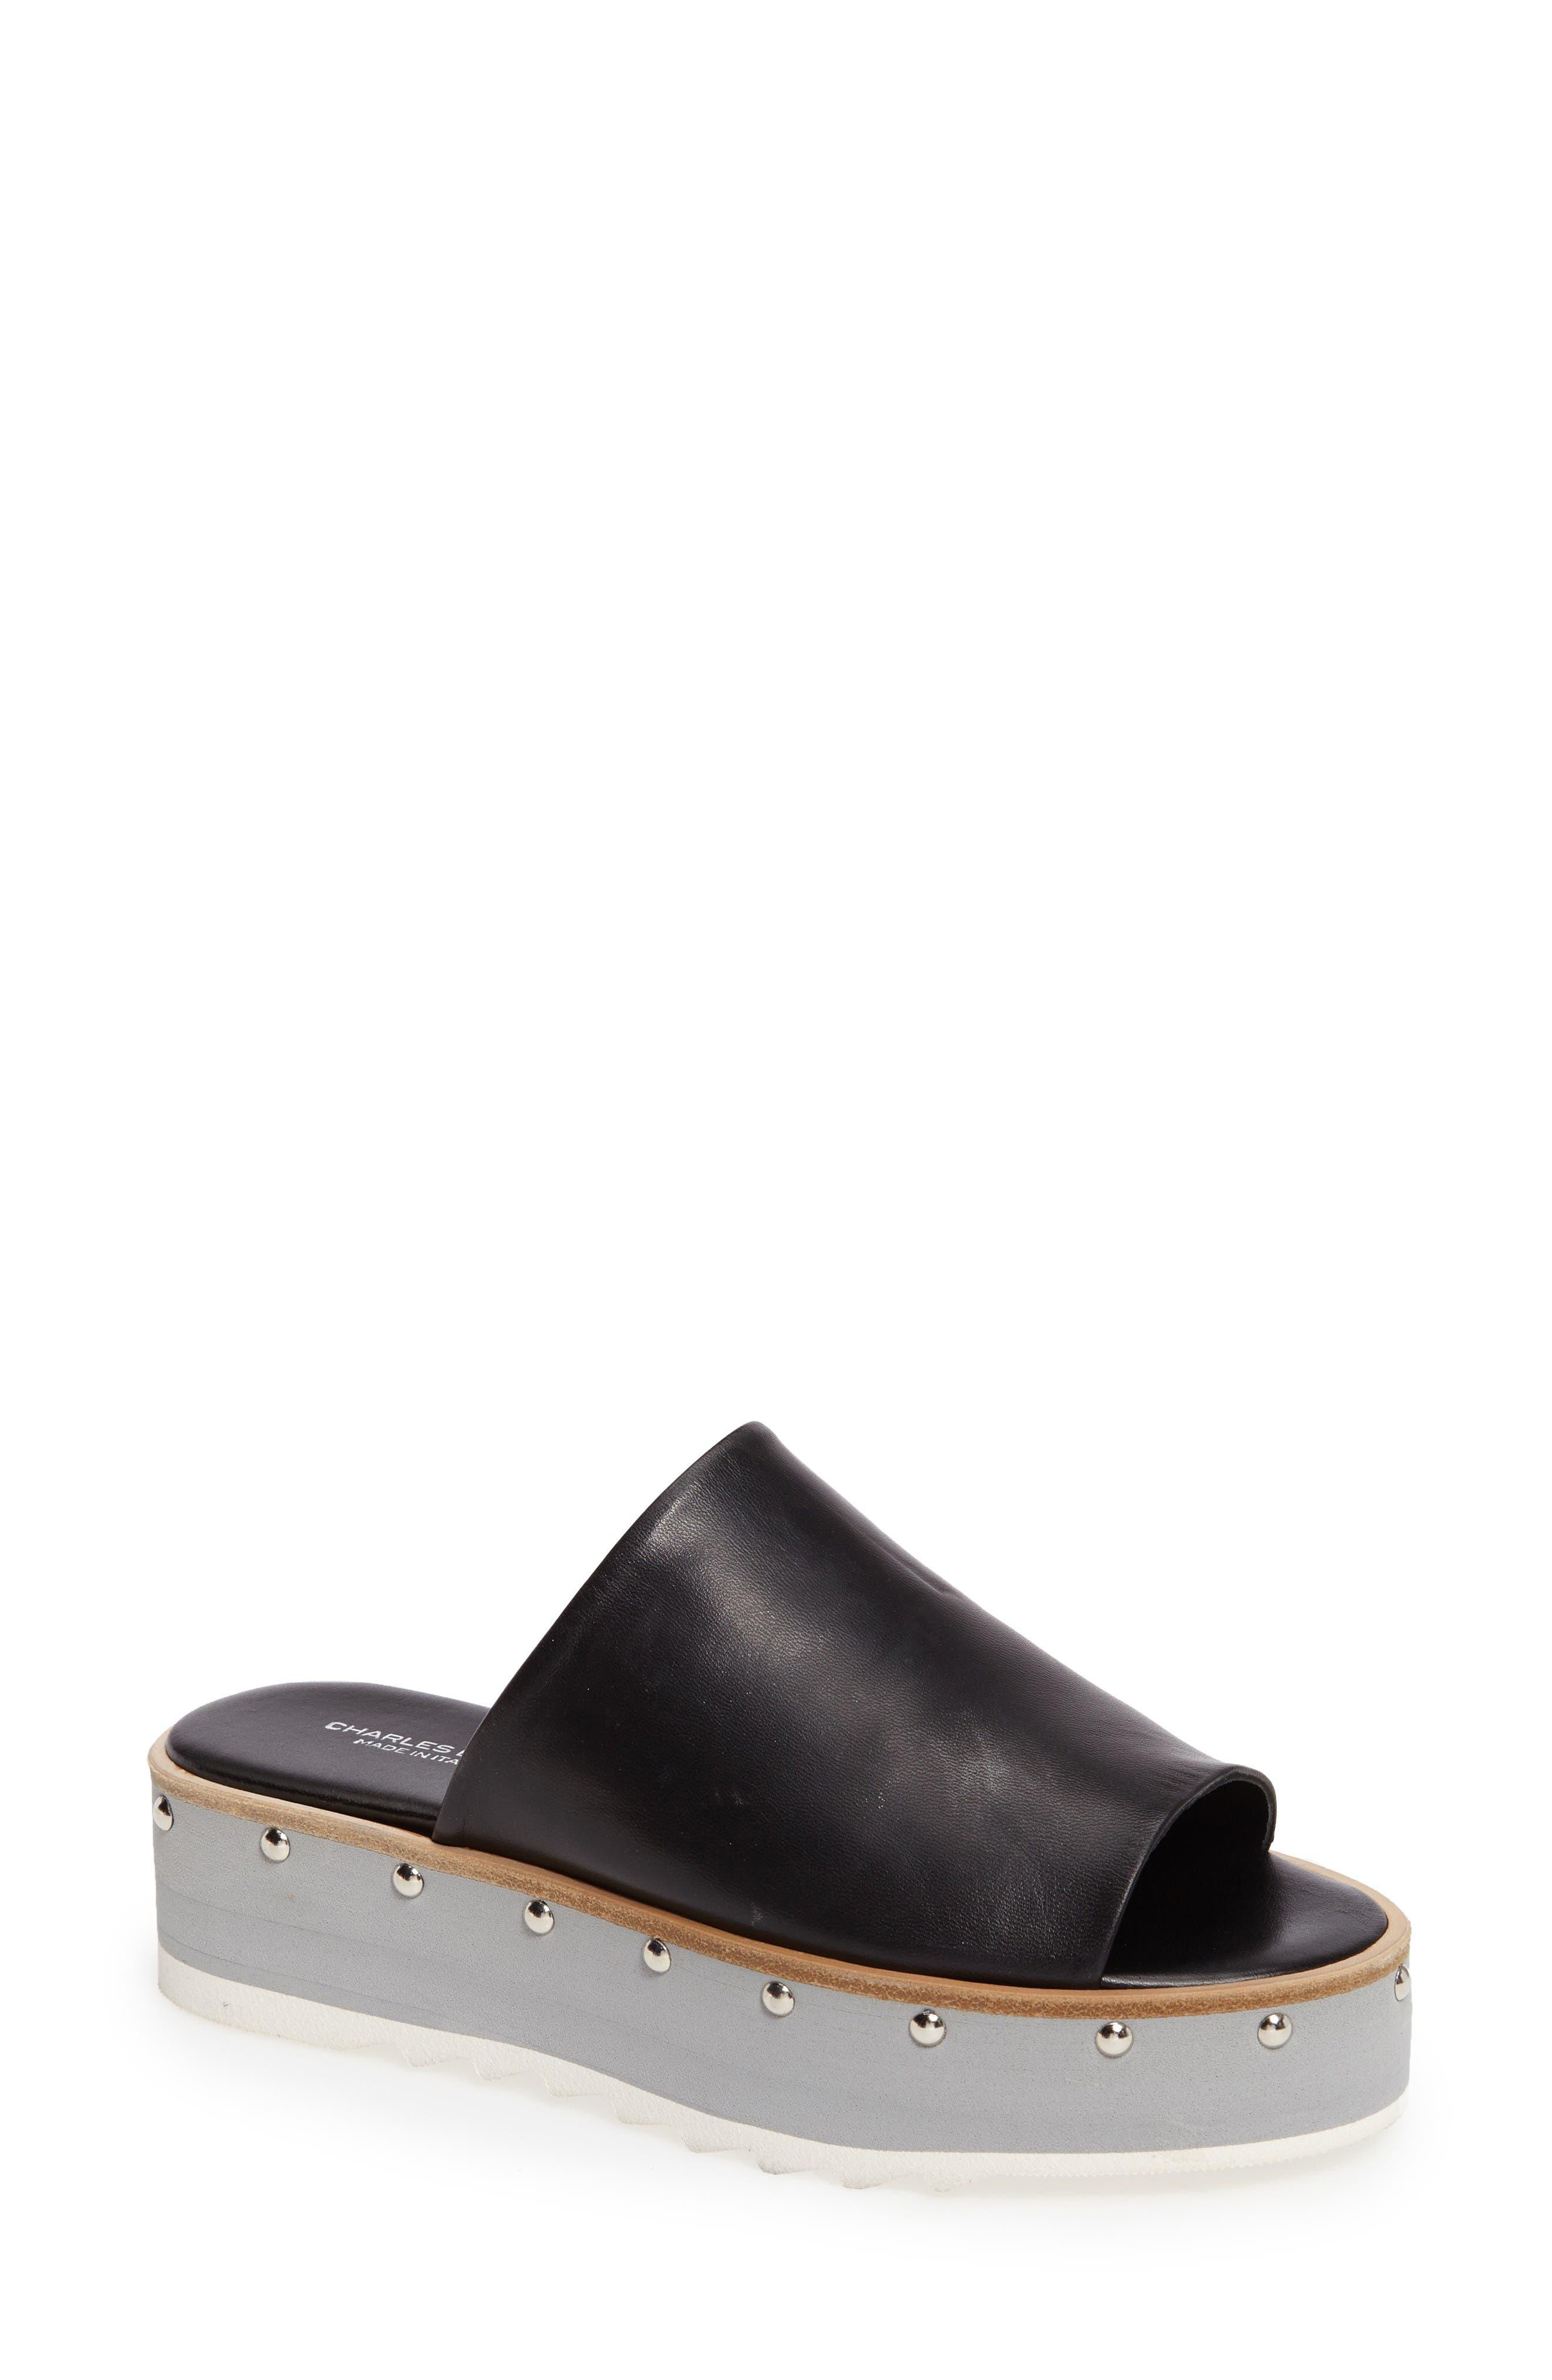 Charles David Float Slide Sandal (Women)